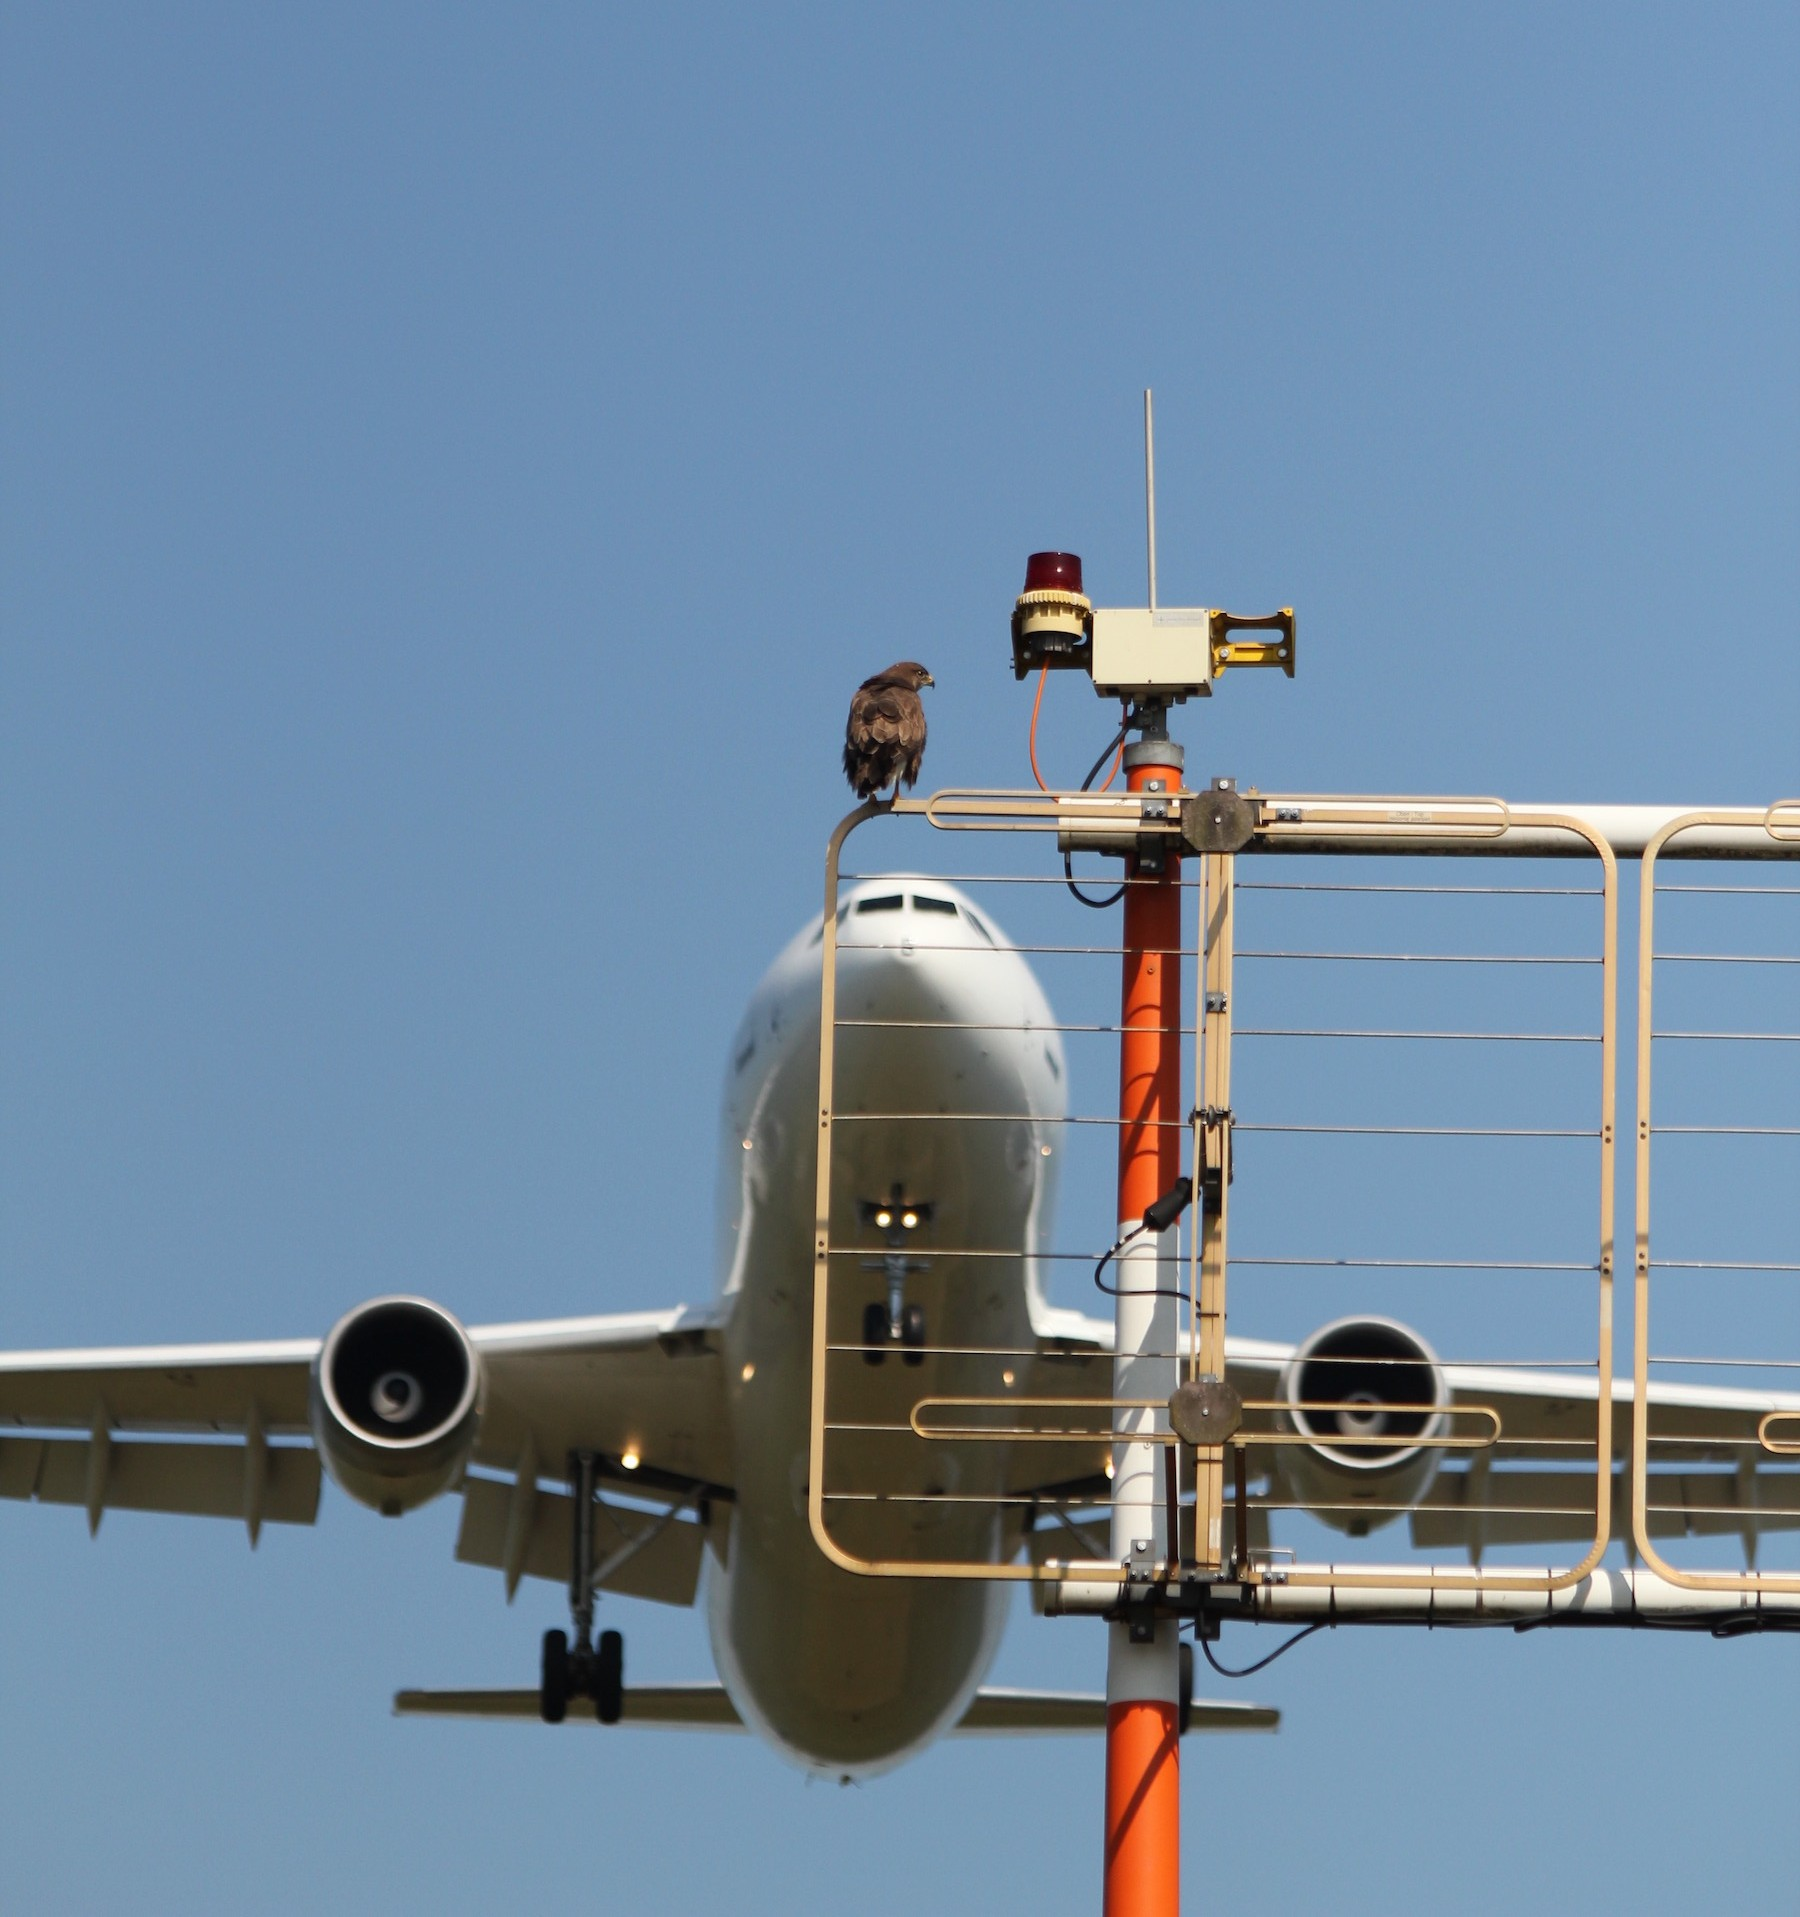 Die auf dem Flughafengelände ständig lebenden Bussarde kennen sich mit Flugzeugen aus. Sie werden nur selten Opfer von Vogelschlägen